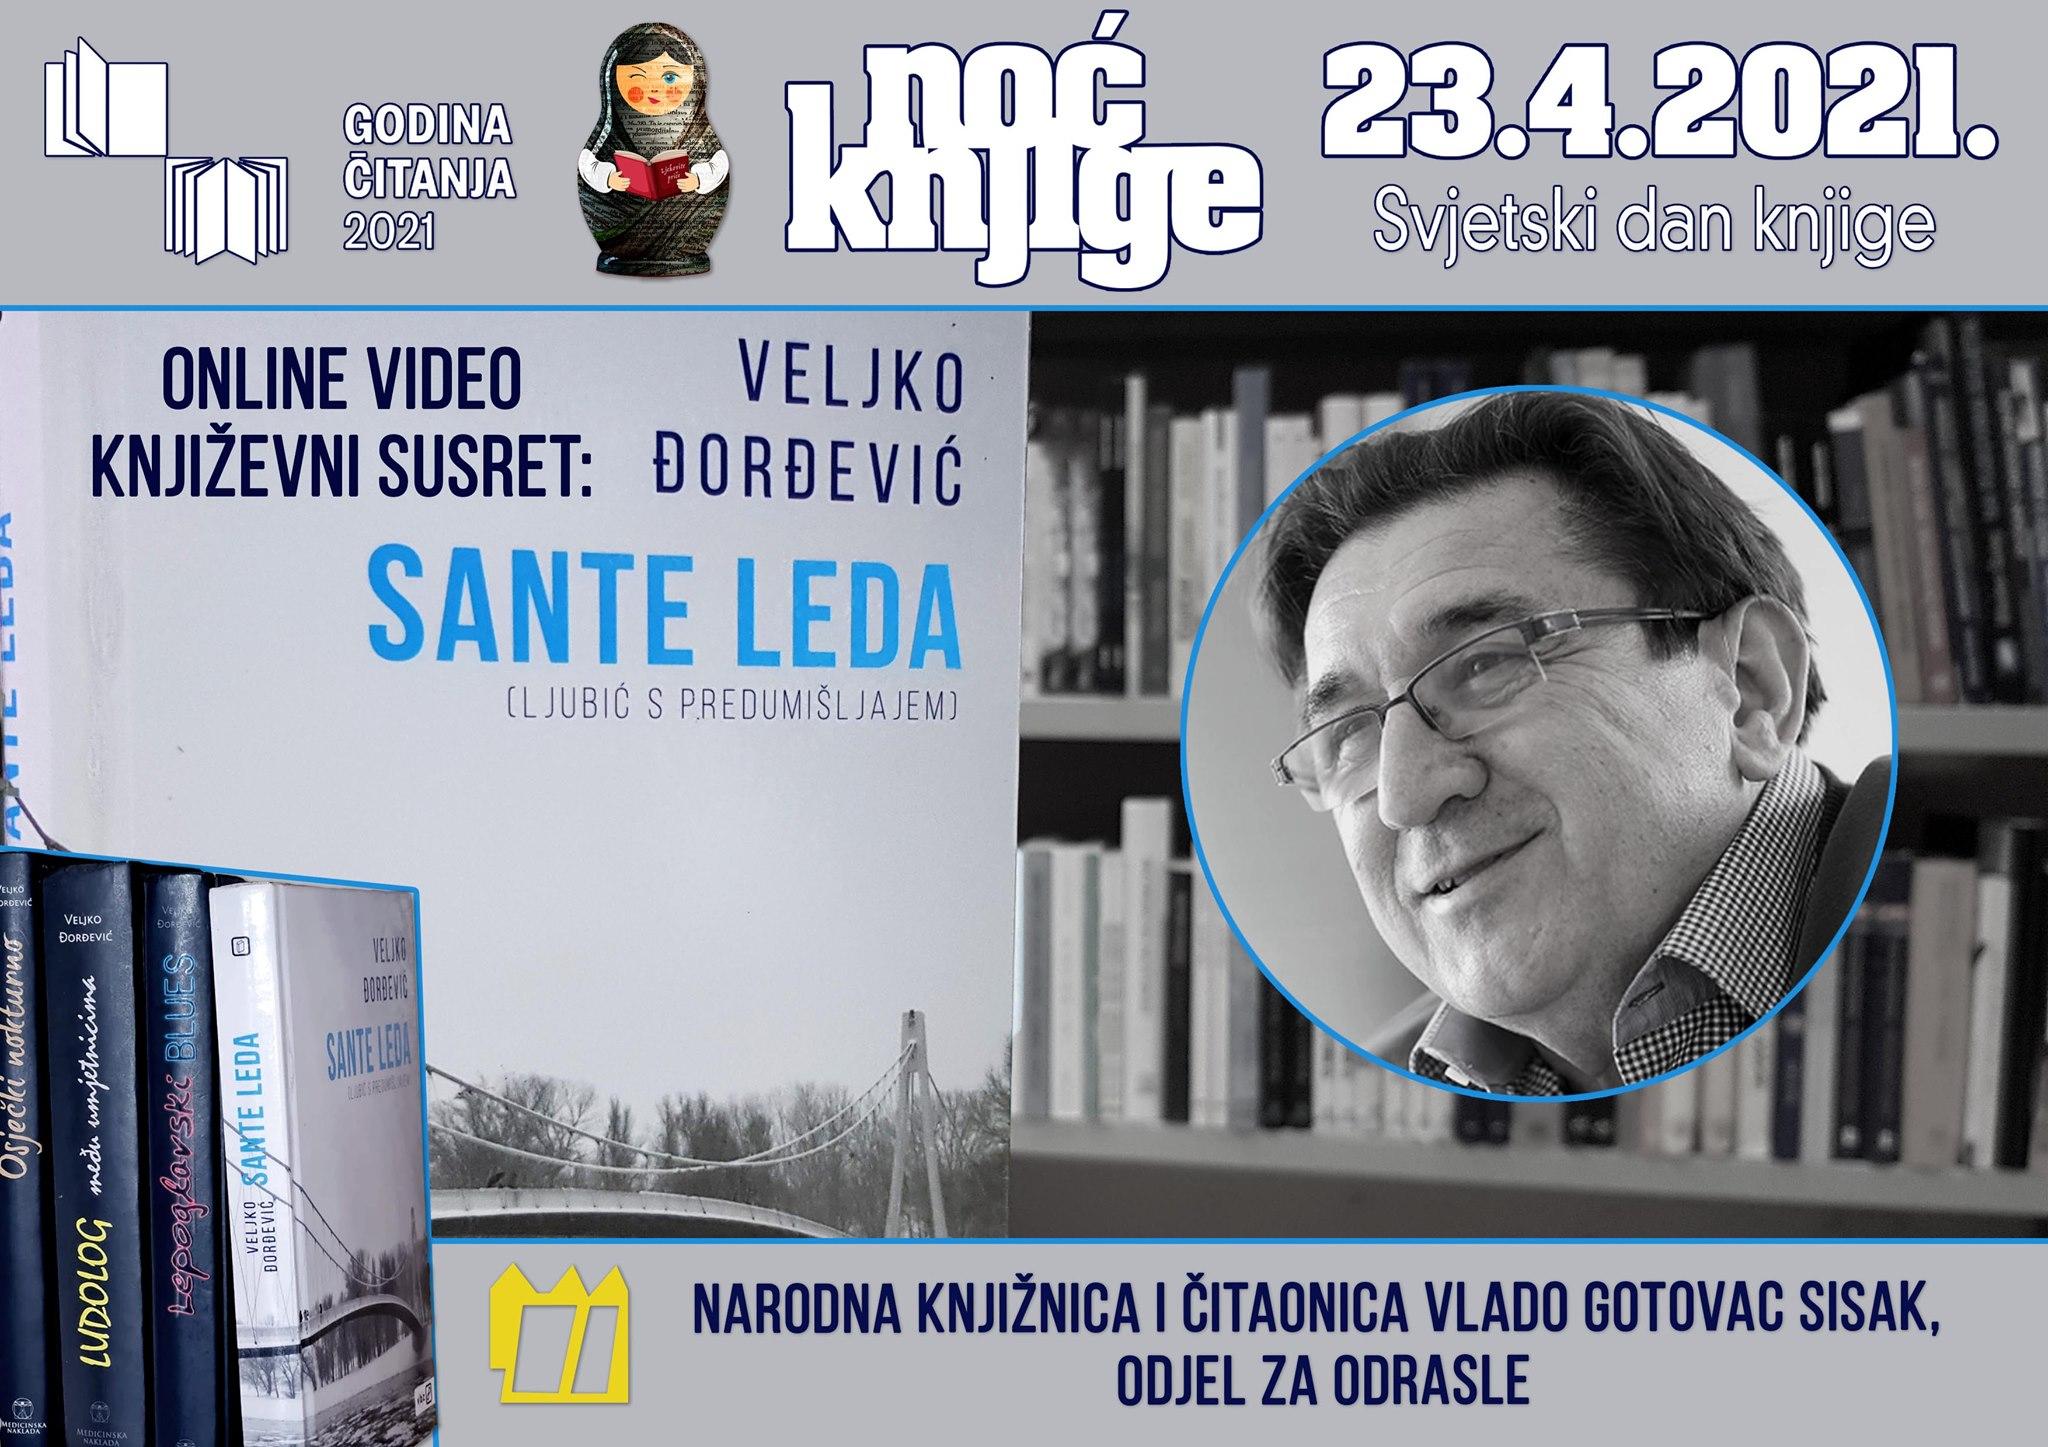 Noći knjige Narodne knjižnice i čitaonice Vlado Gotovac